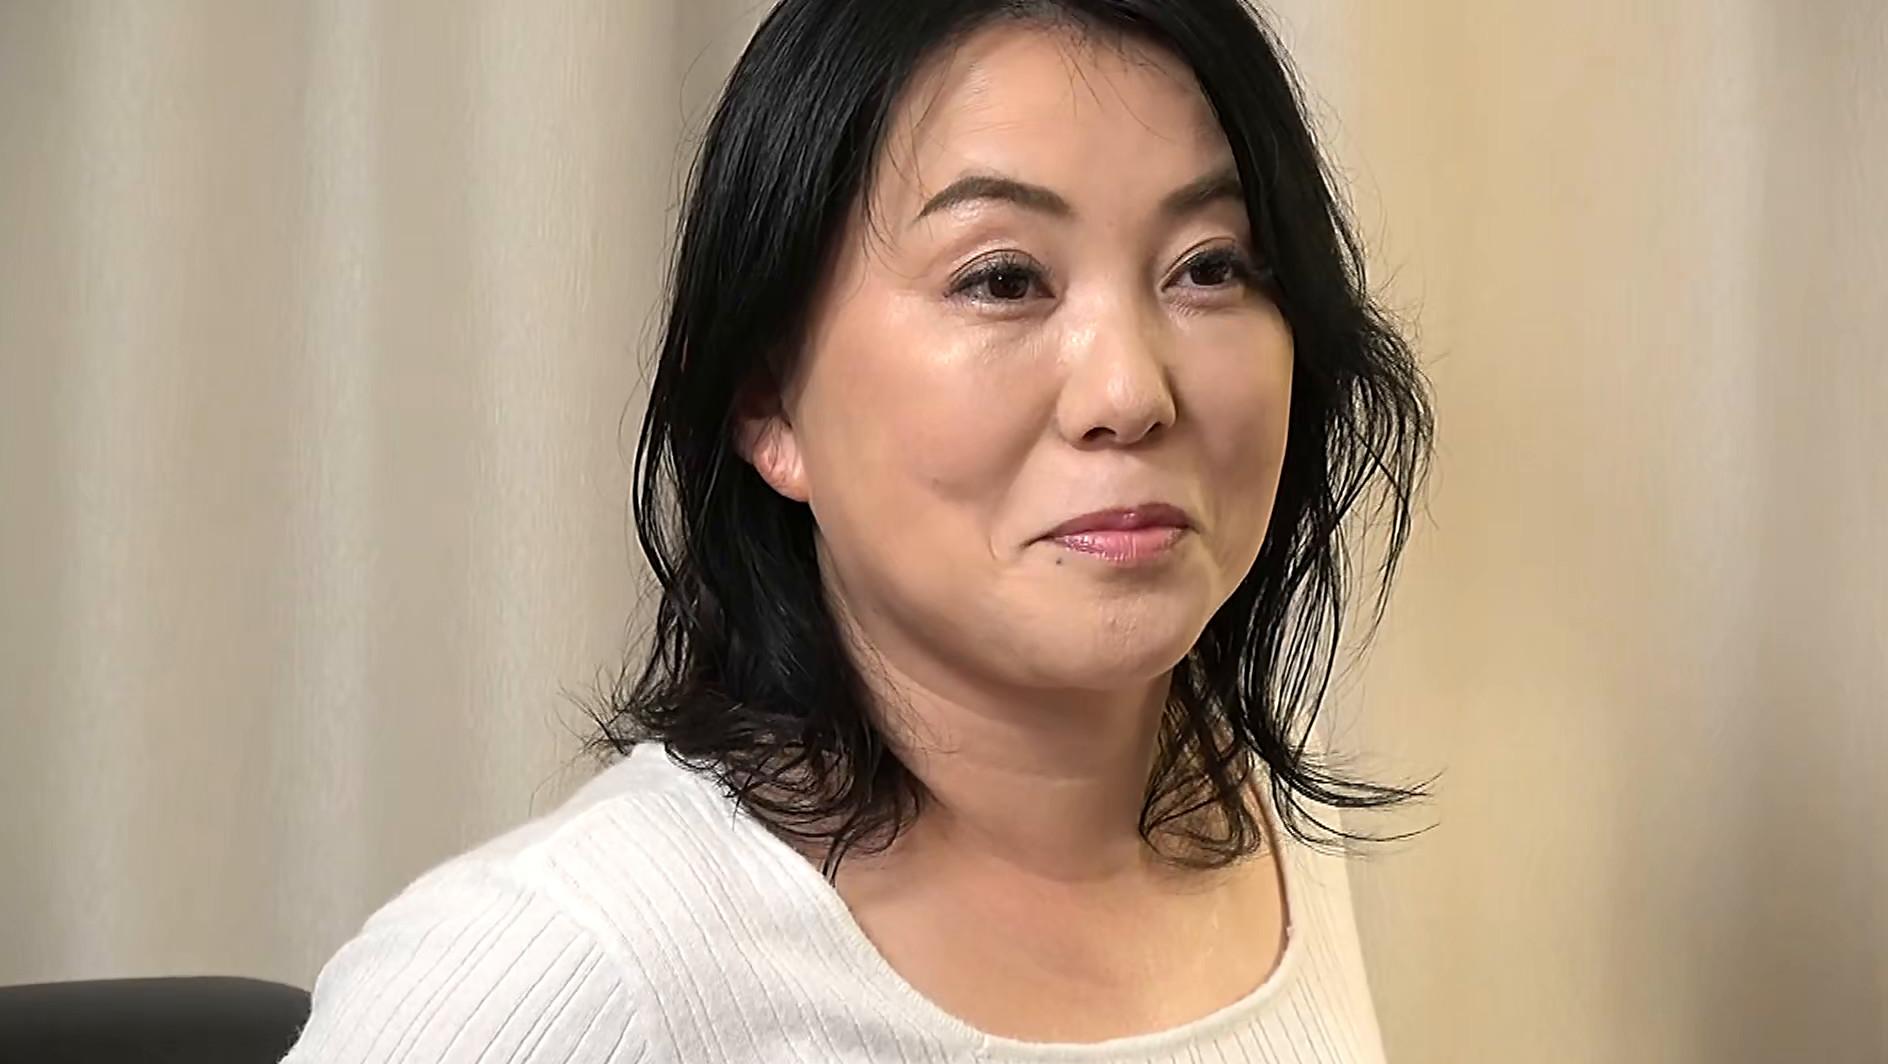 【五十路】飲酒ホロ酔い妻 京佳 52歳